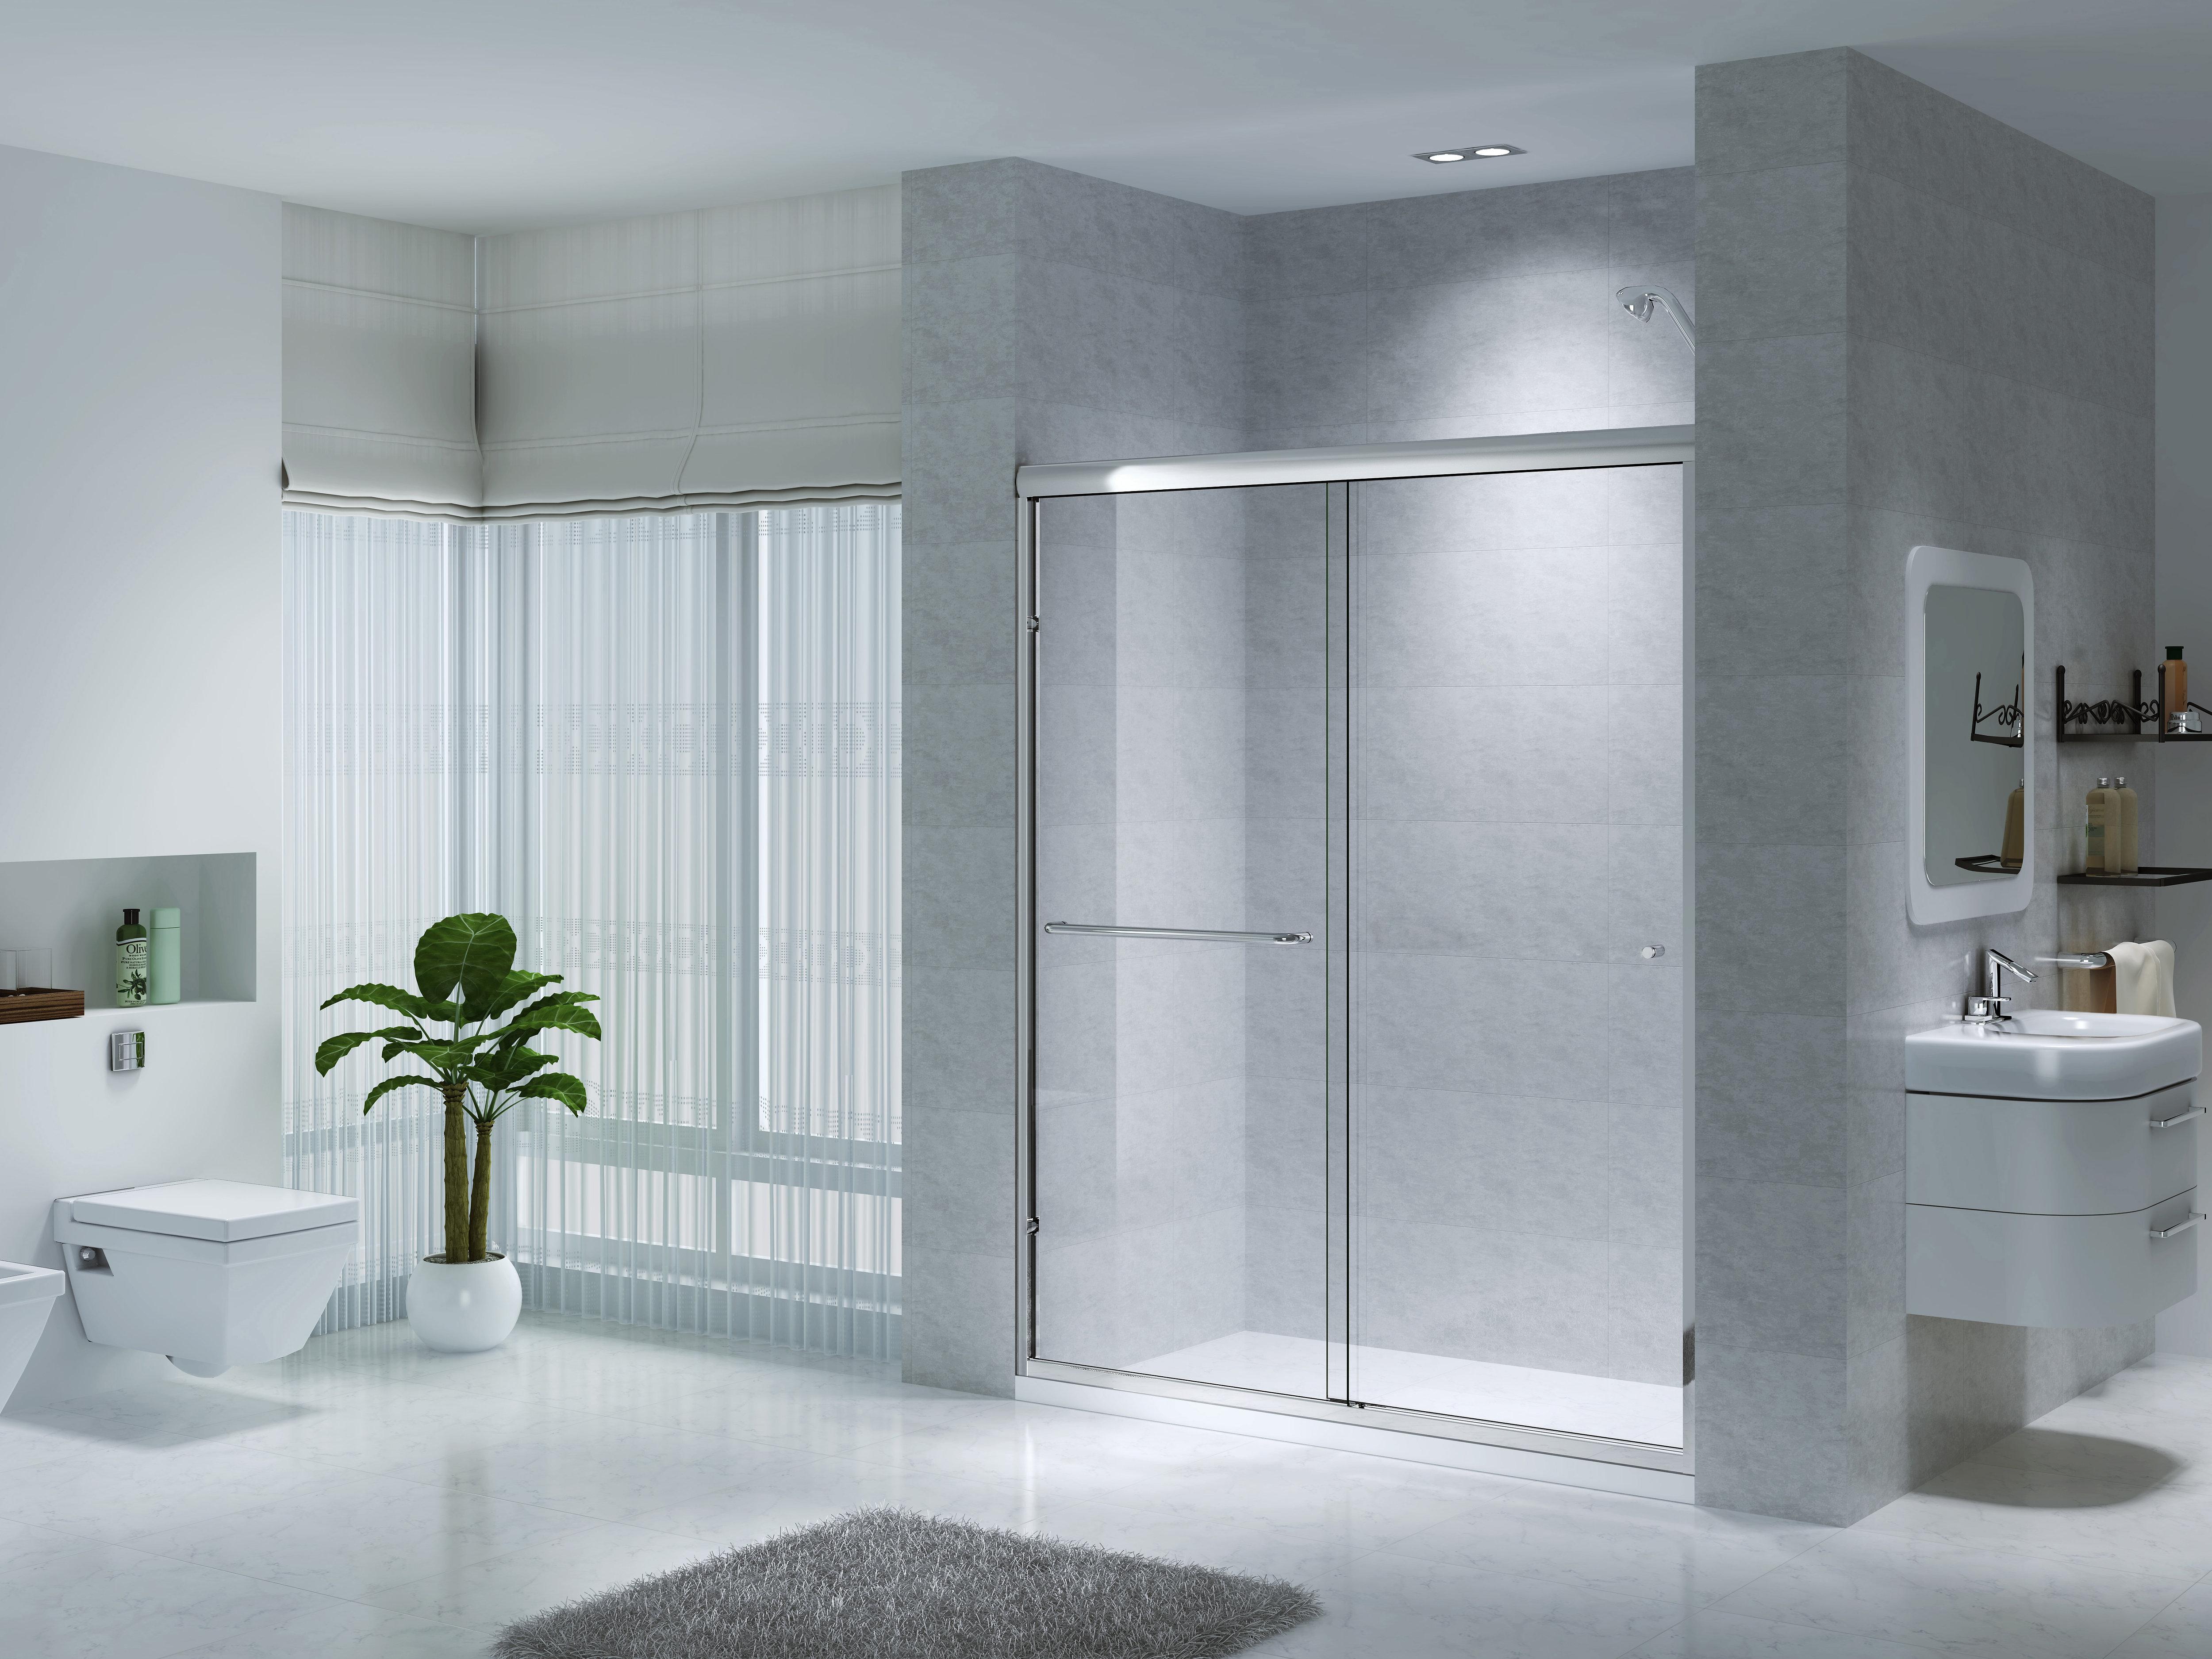 Ck Series 48 To 59 1 2 Semi Frameless Sliding Shower Doors